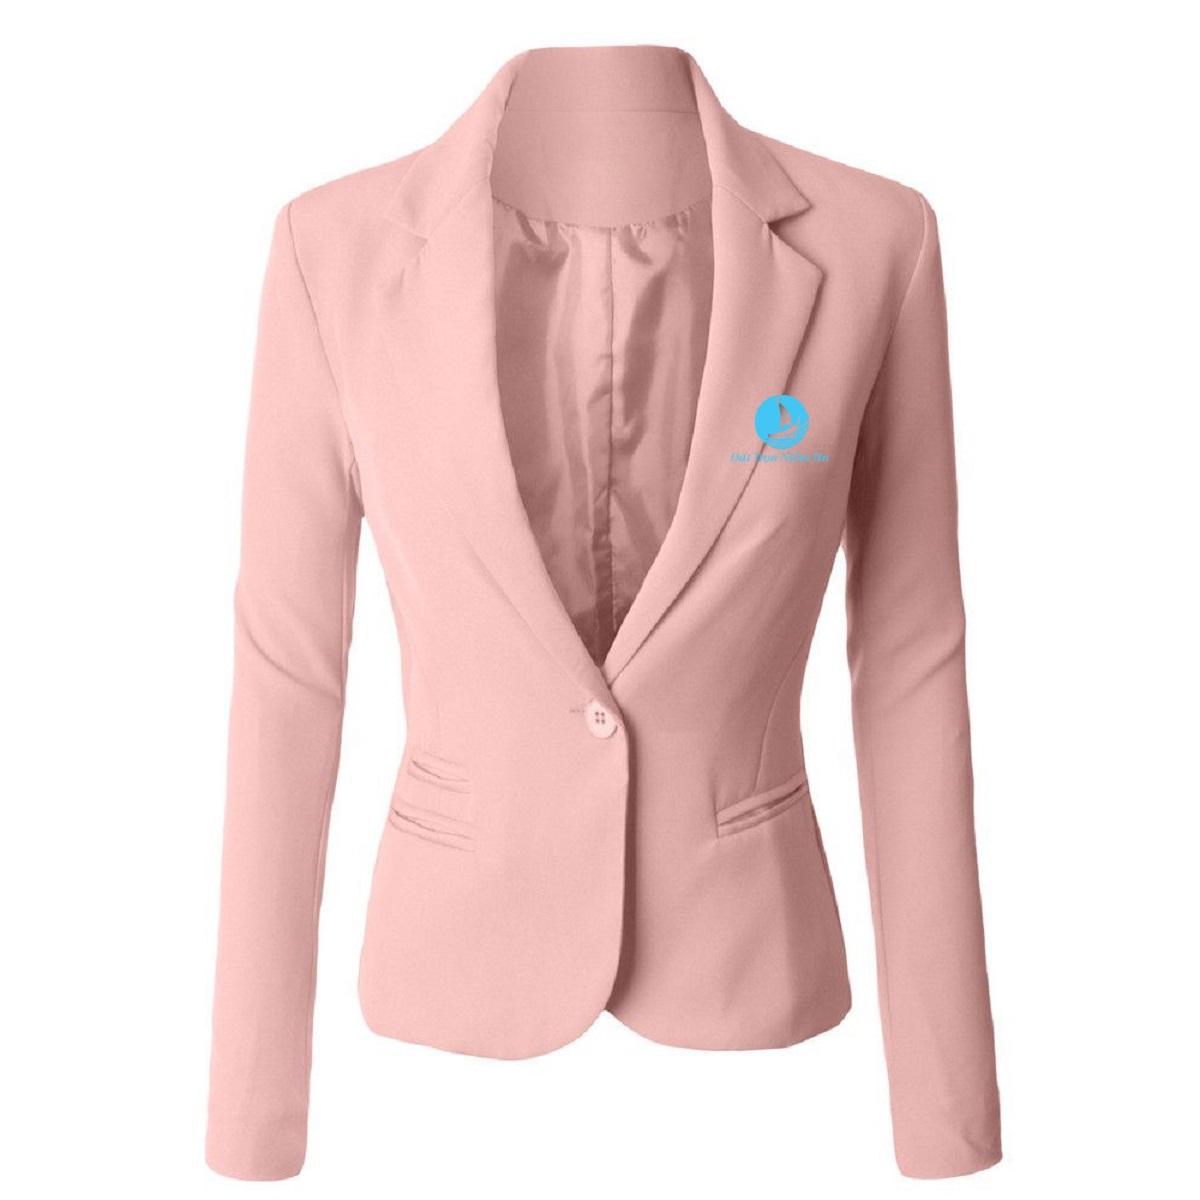 Màu hồng nhạt tôn thêm phần nữ tính cho nhân viên lễ tân